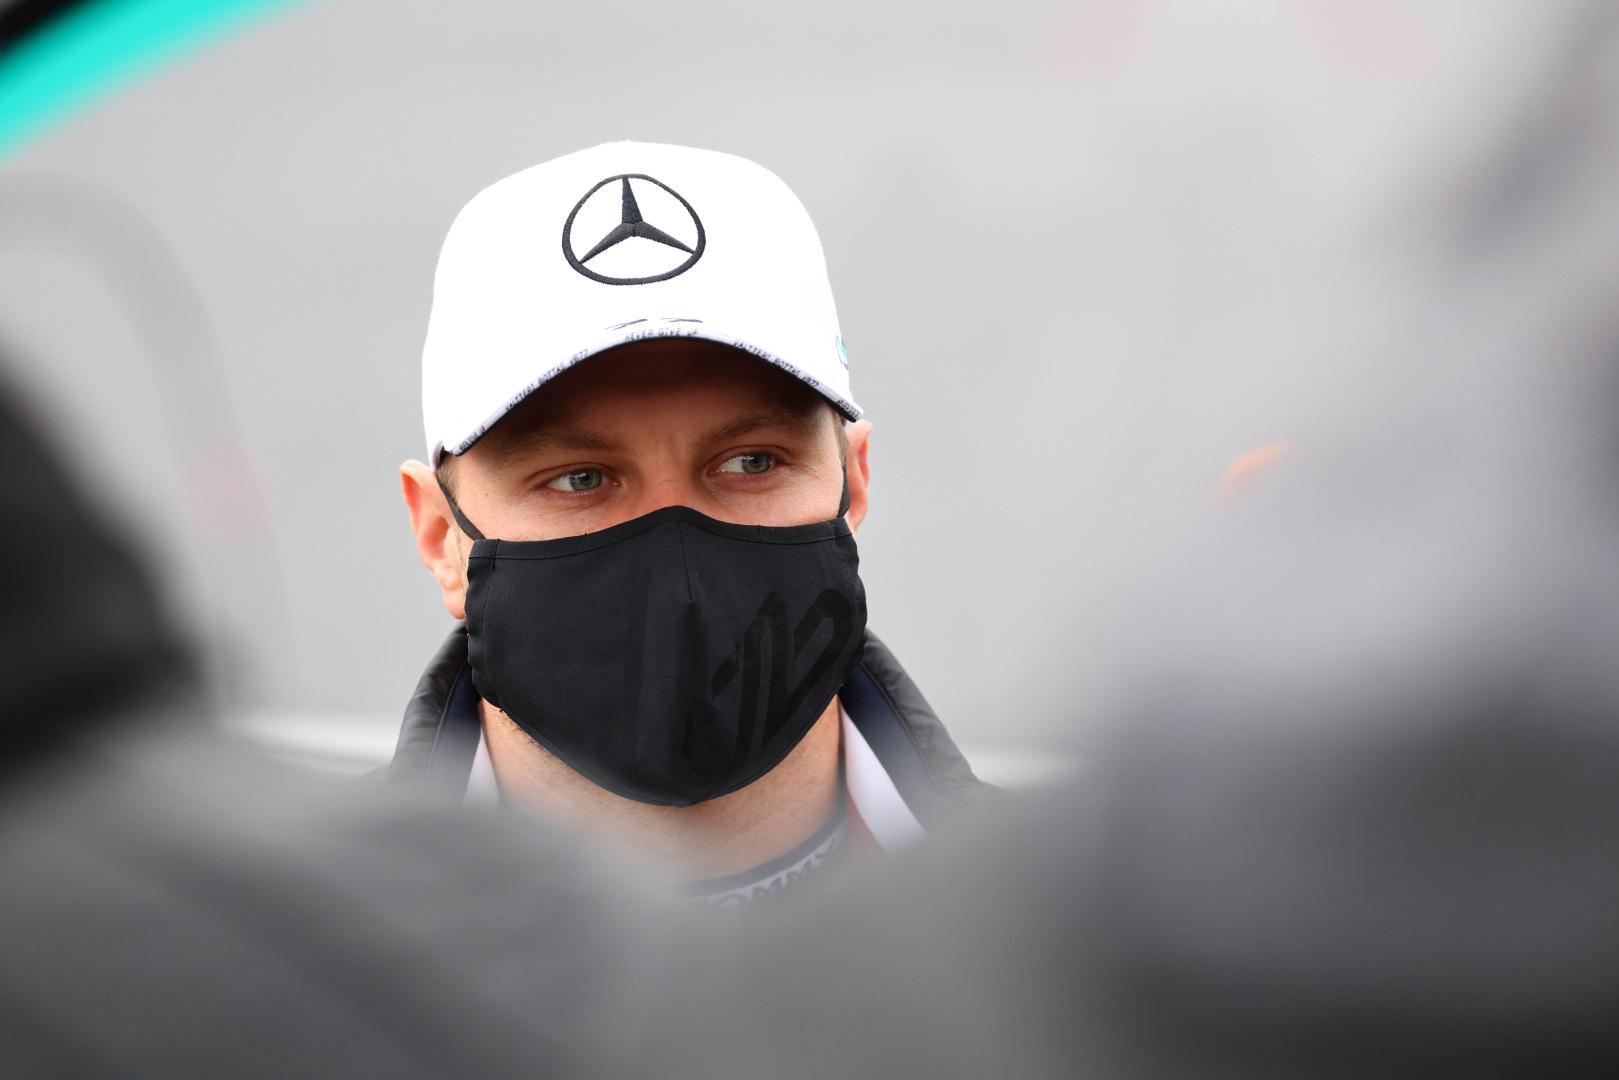 Bottas insists no 'agreement' broken in Russell crash